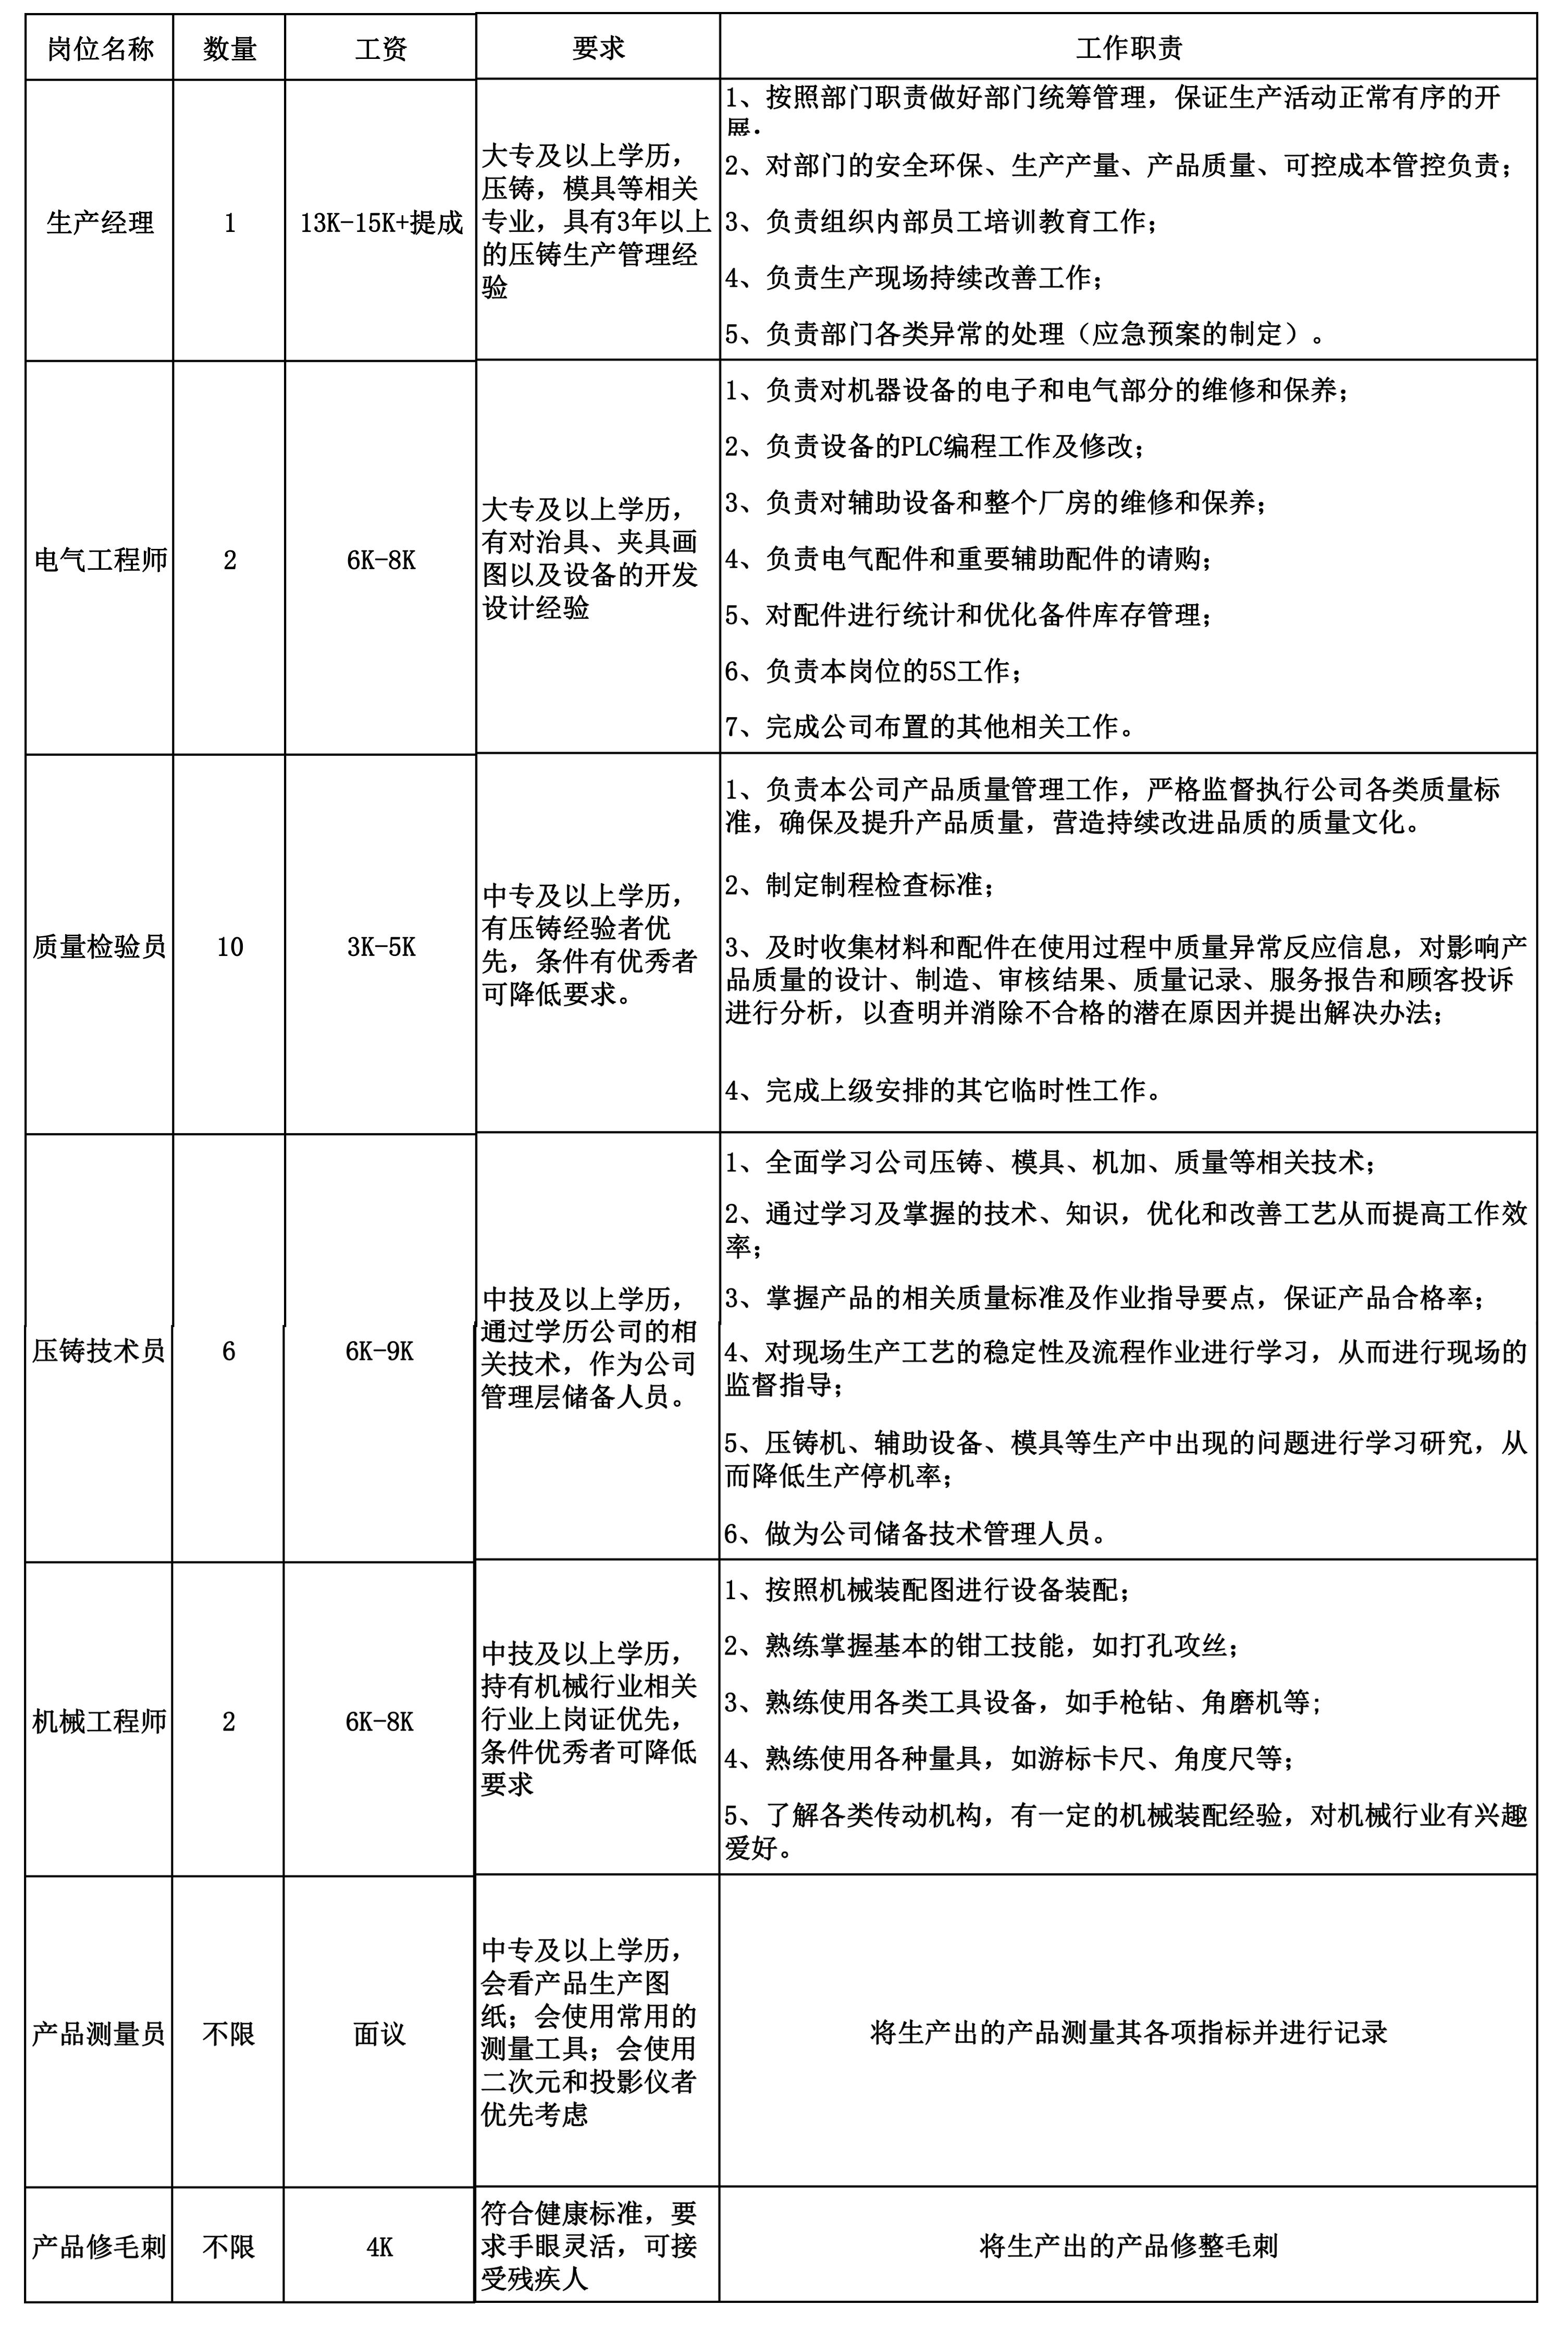 工作簿2-1.jpg